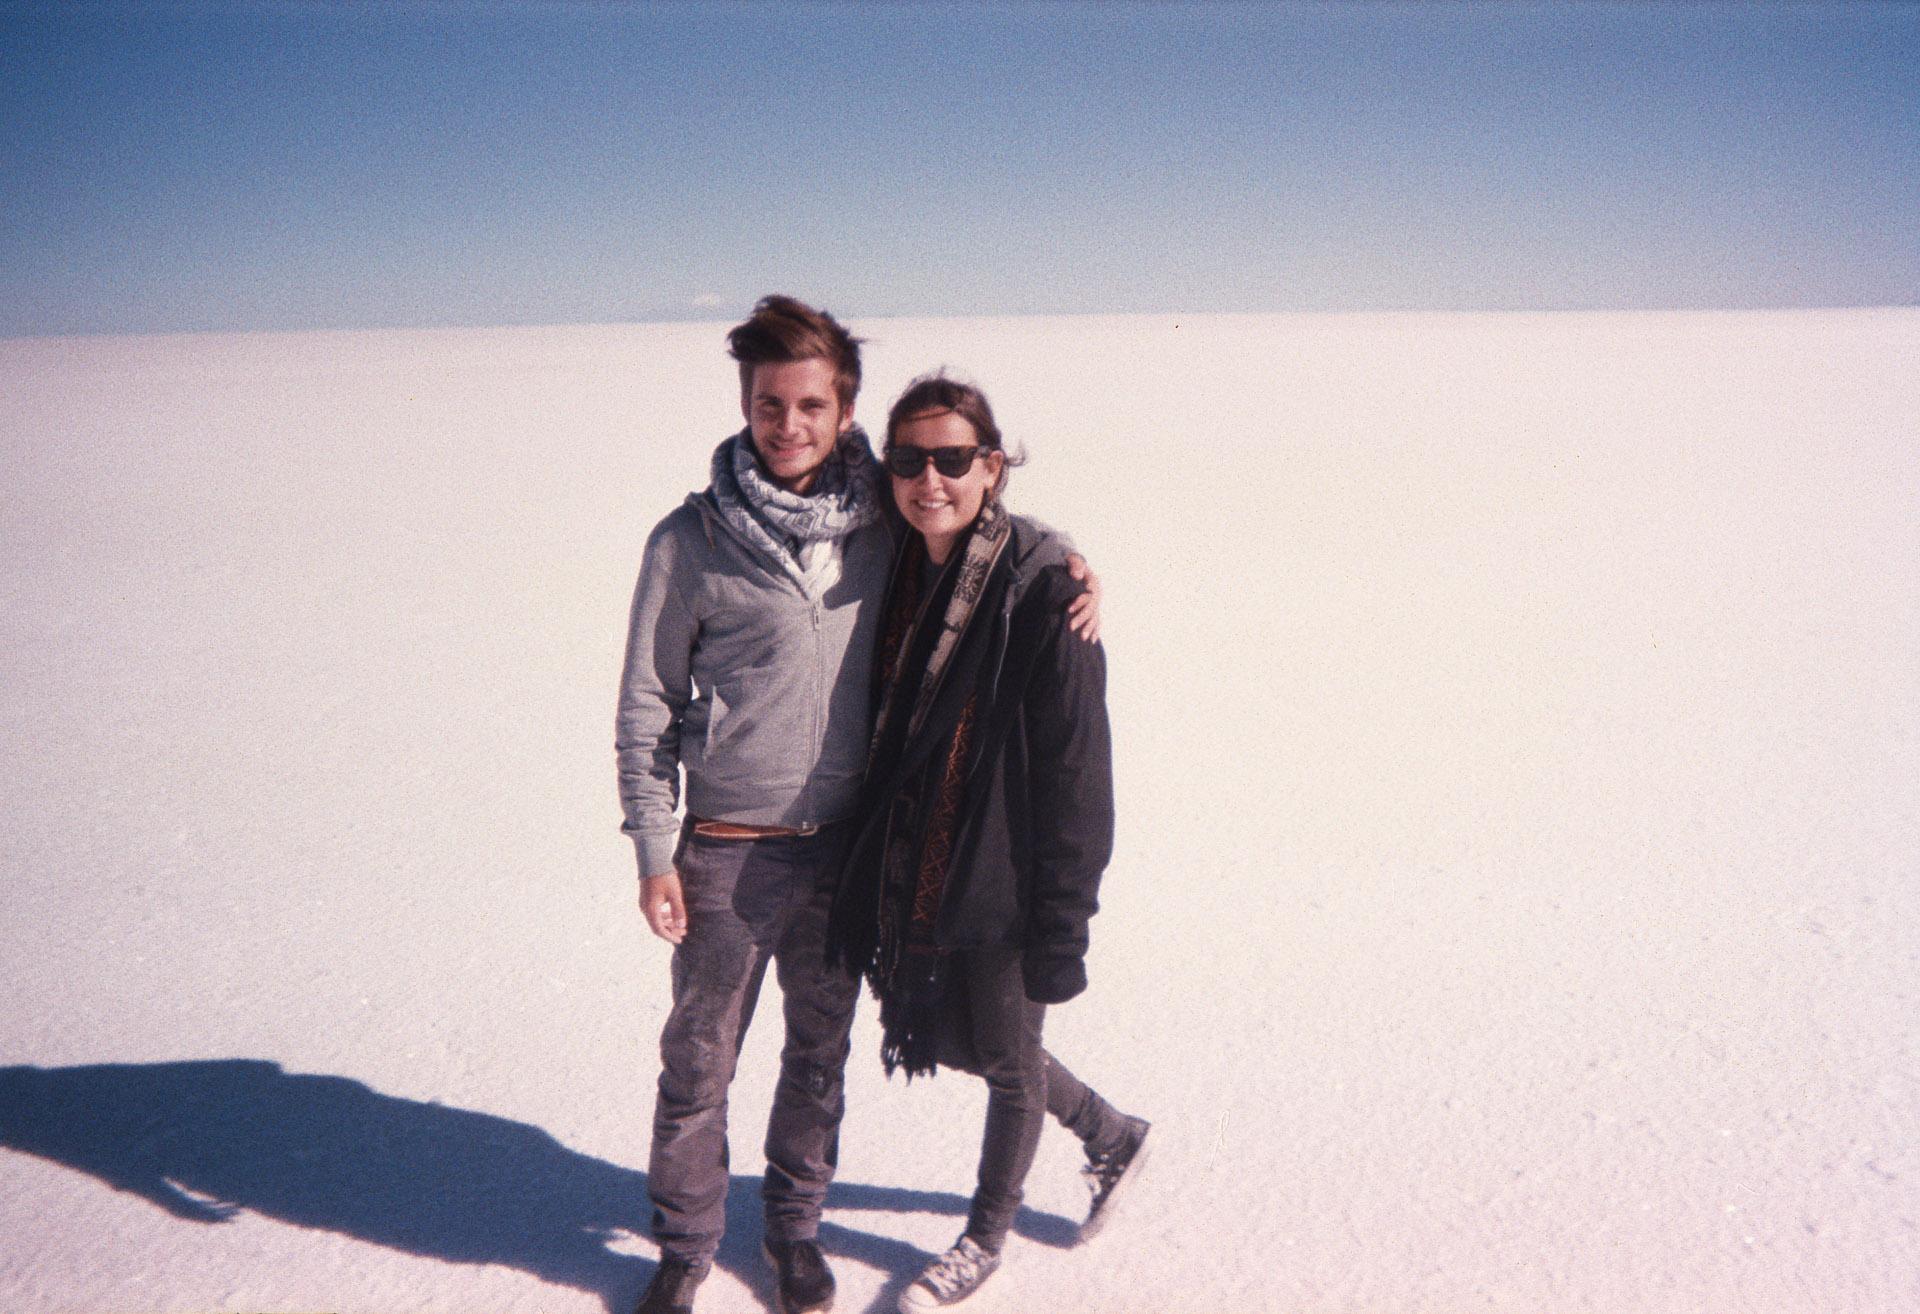 Salar de Uyuni, Bolivia - ISO 400, One-Way Camera